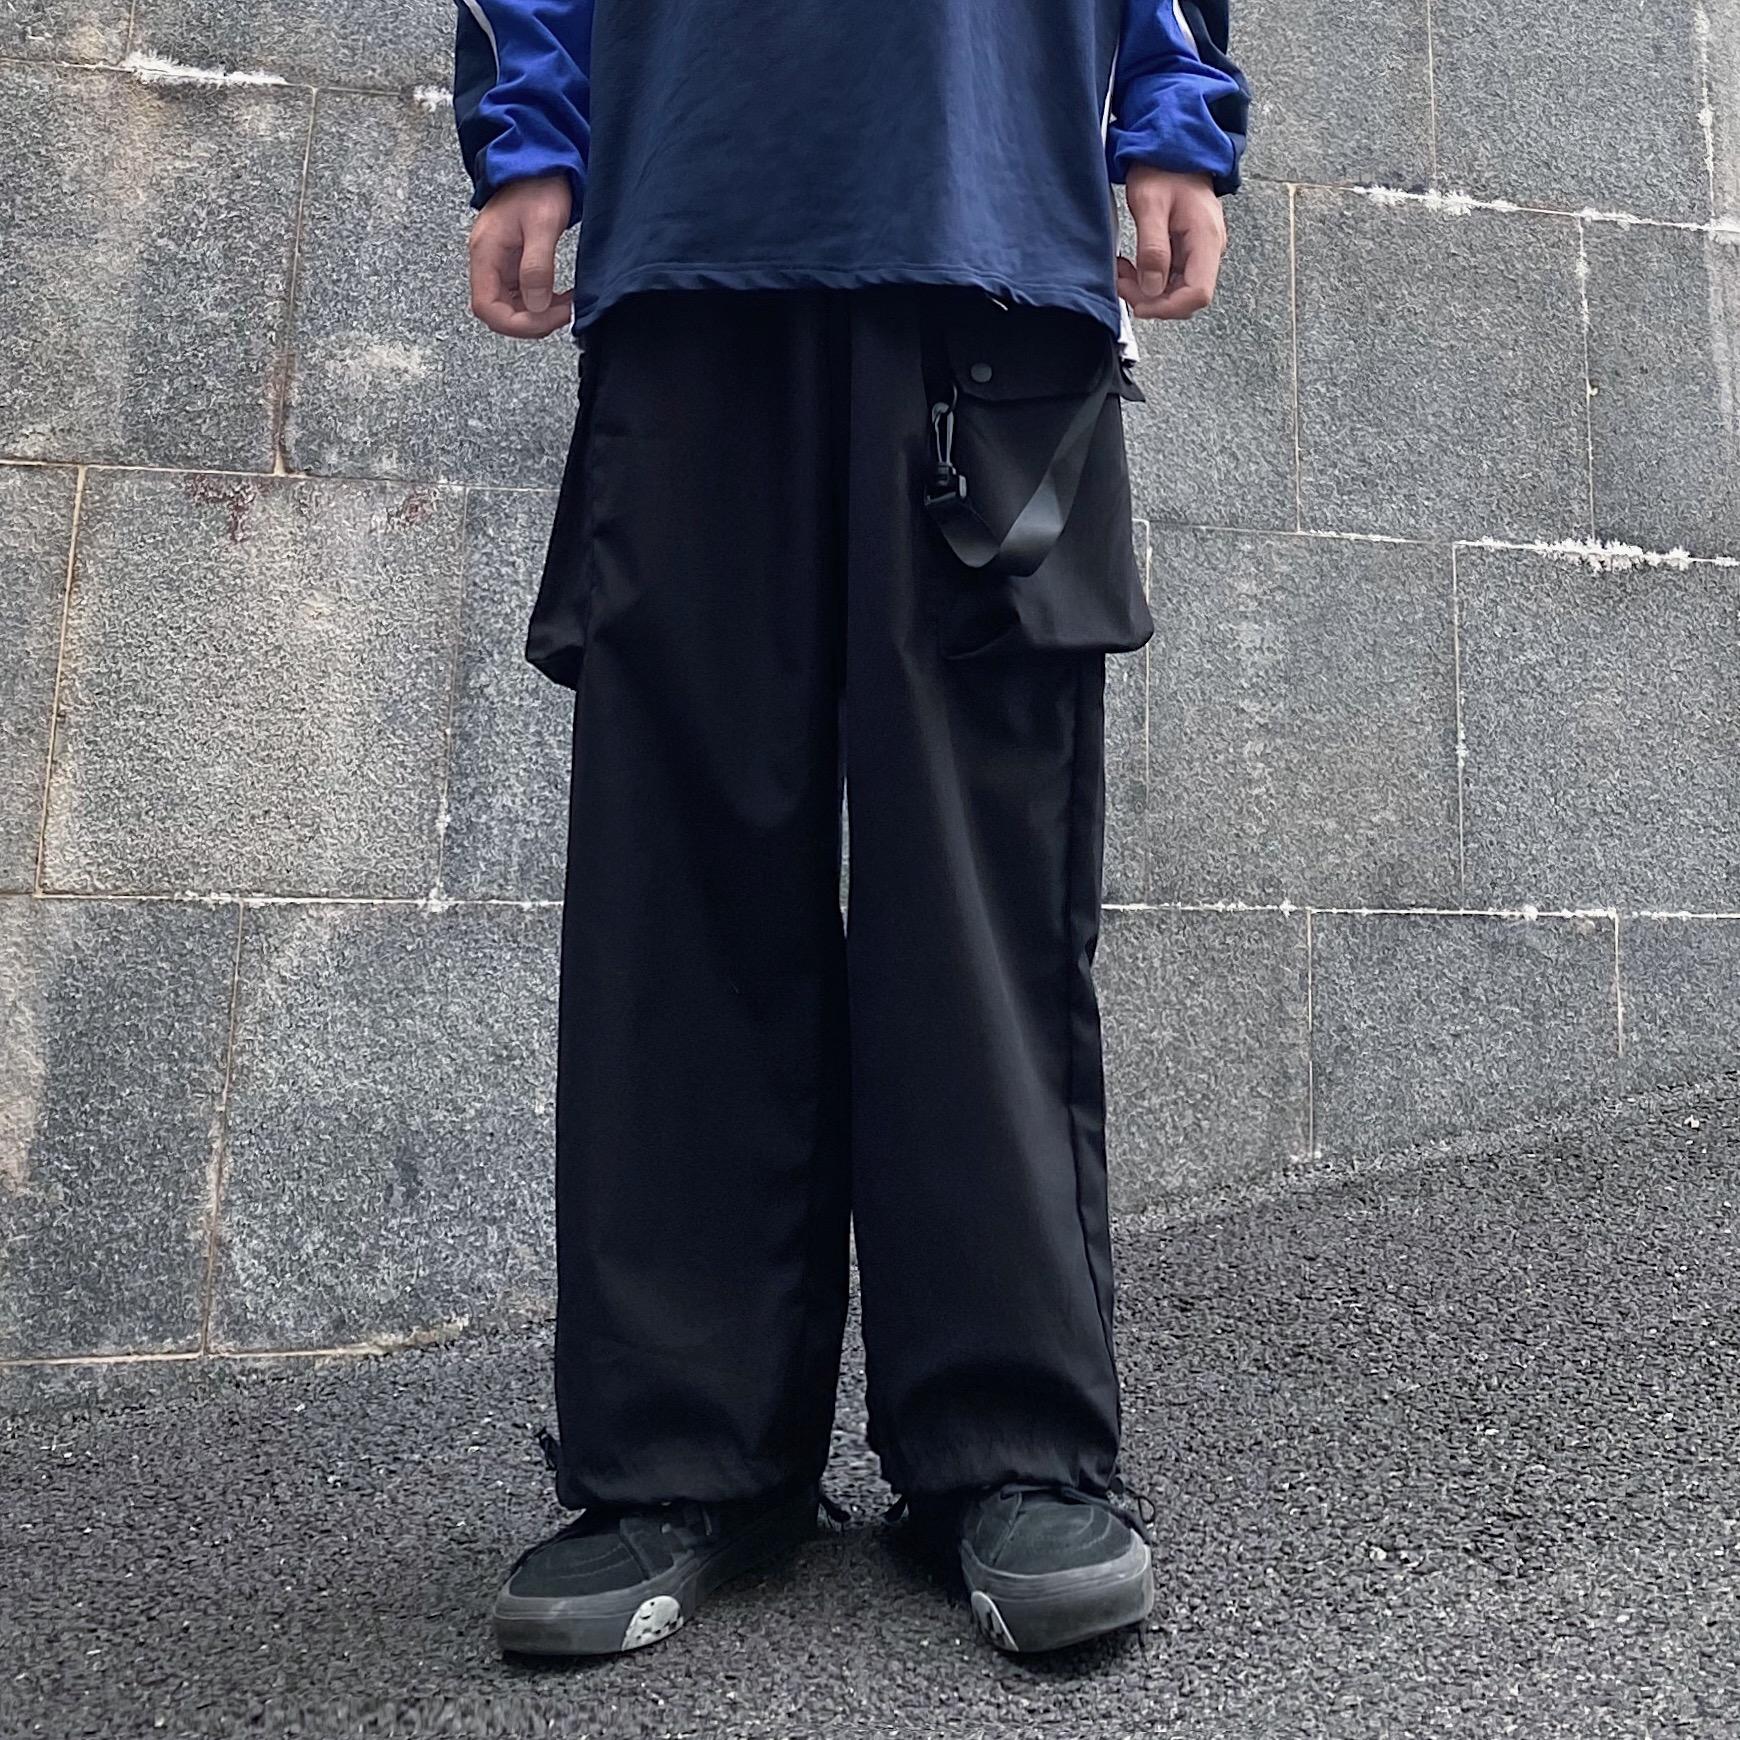 控价37INS日系潮牌复古直筒大口袋束脚休闲工装裤,商品下架区商品下架区,四舍(VIGA)